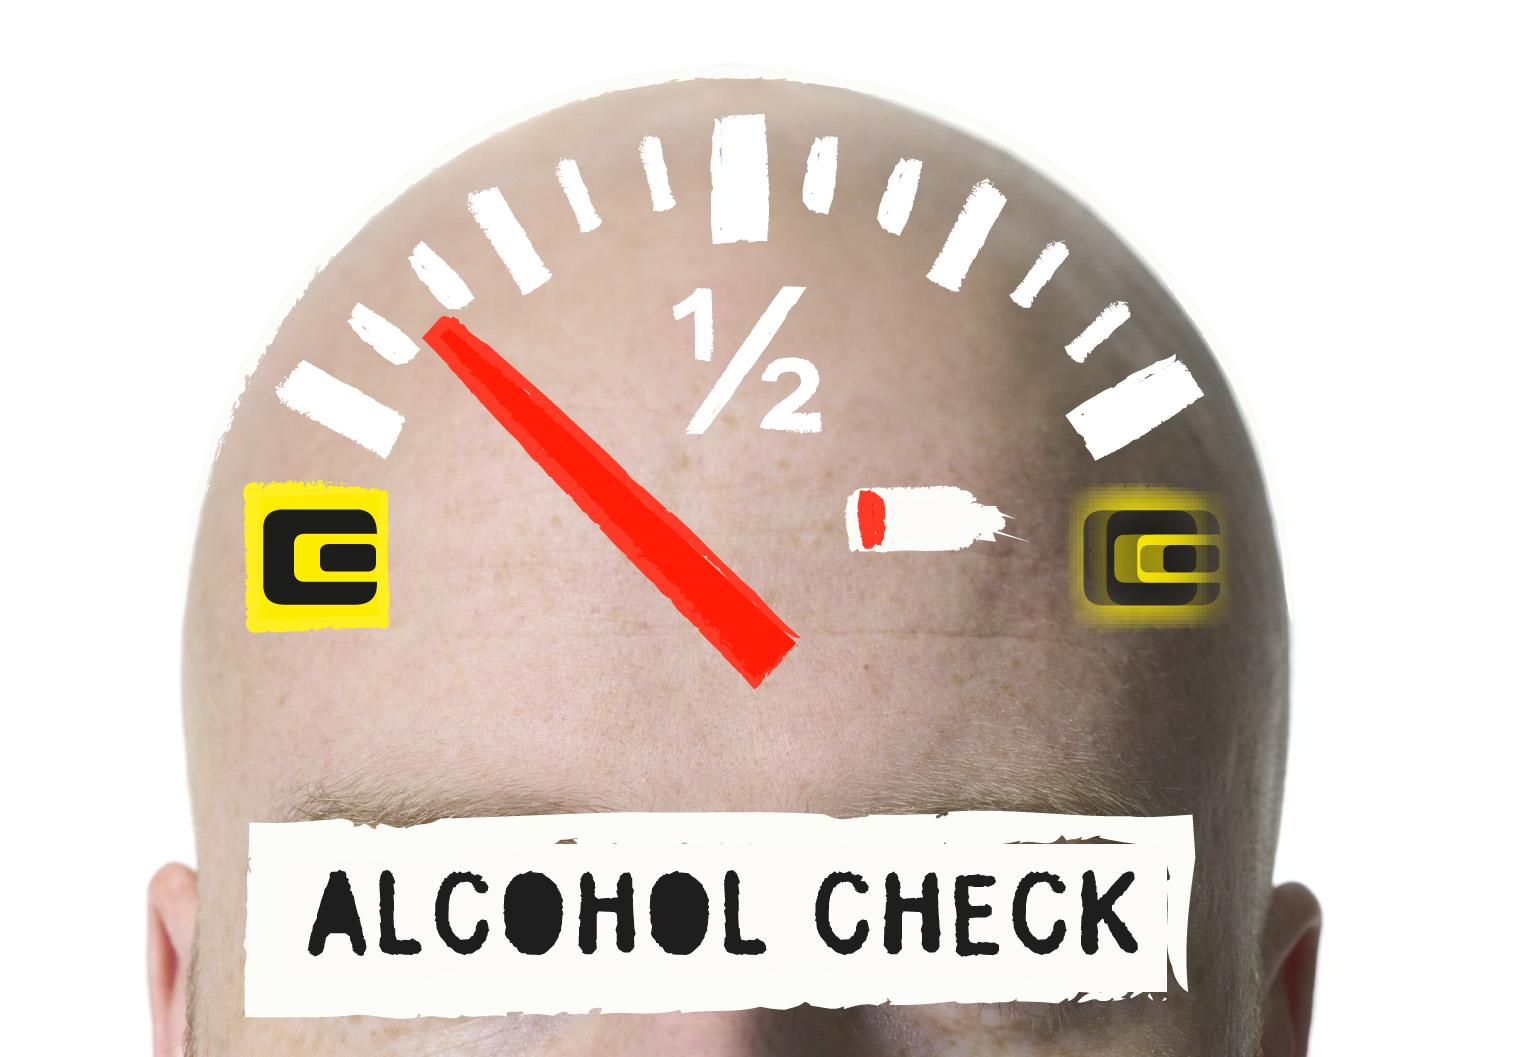 Alcohol Check - Energy Control